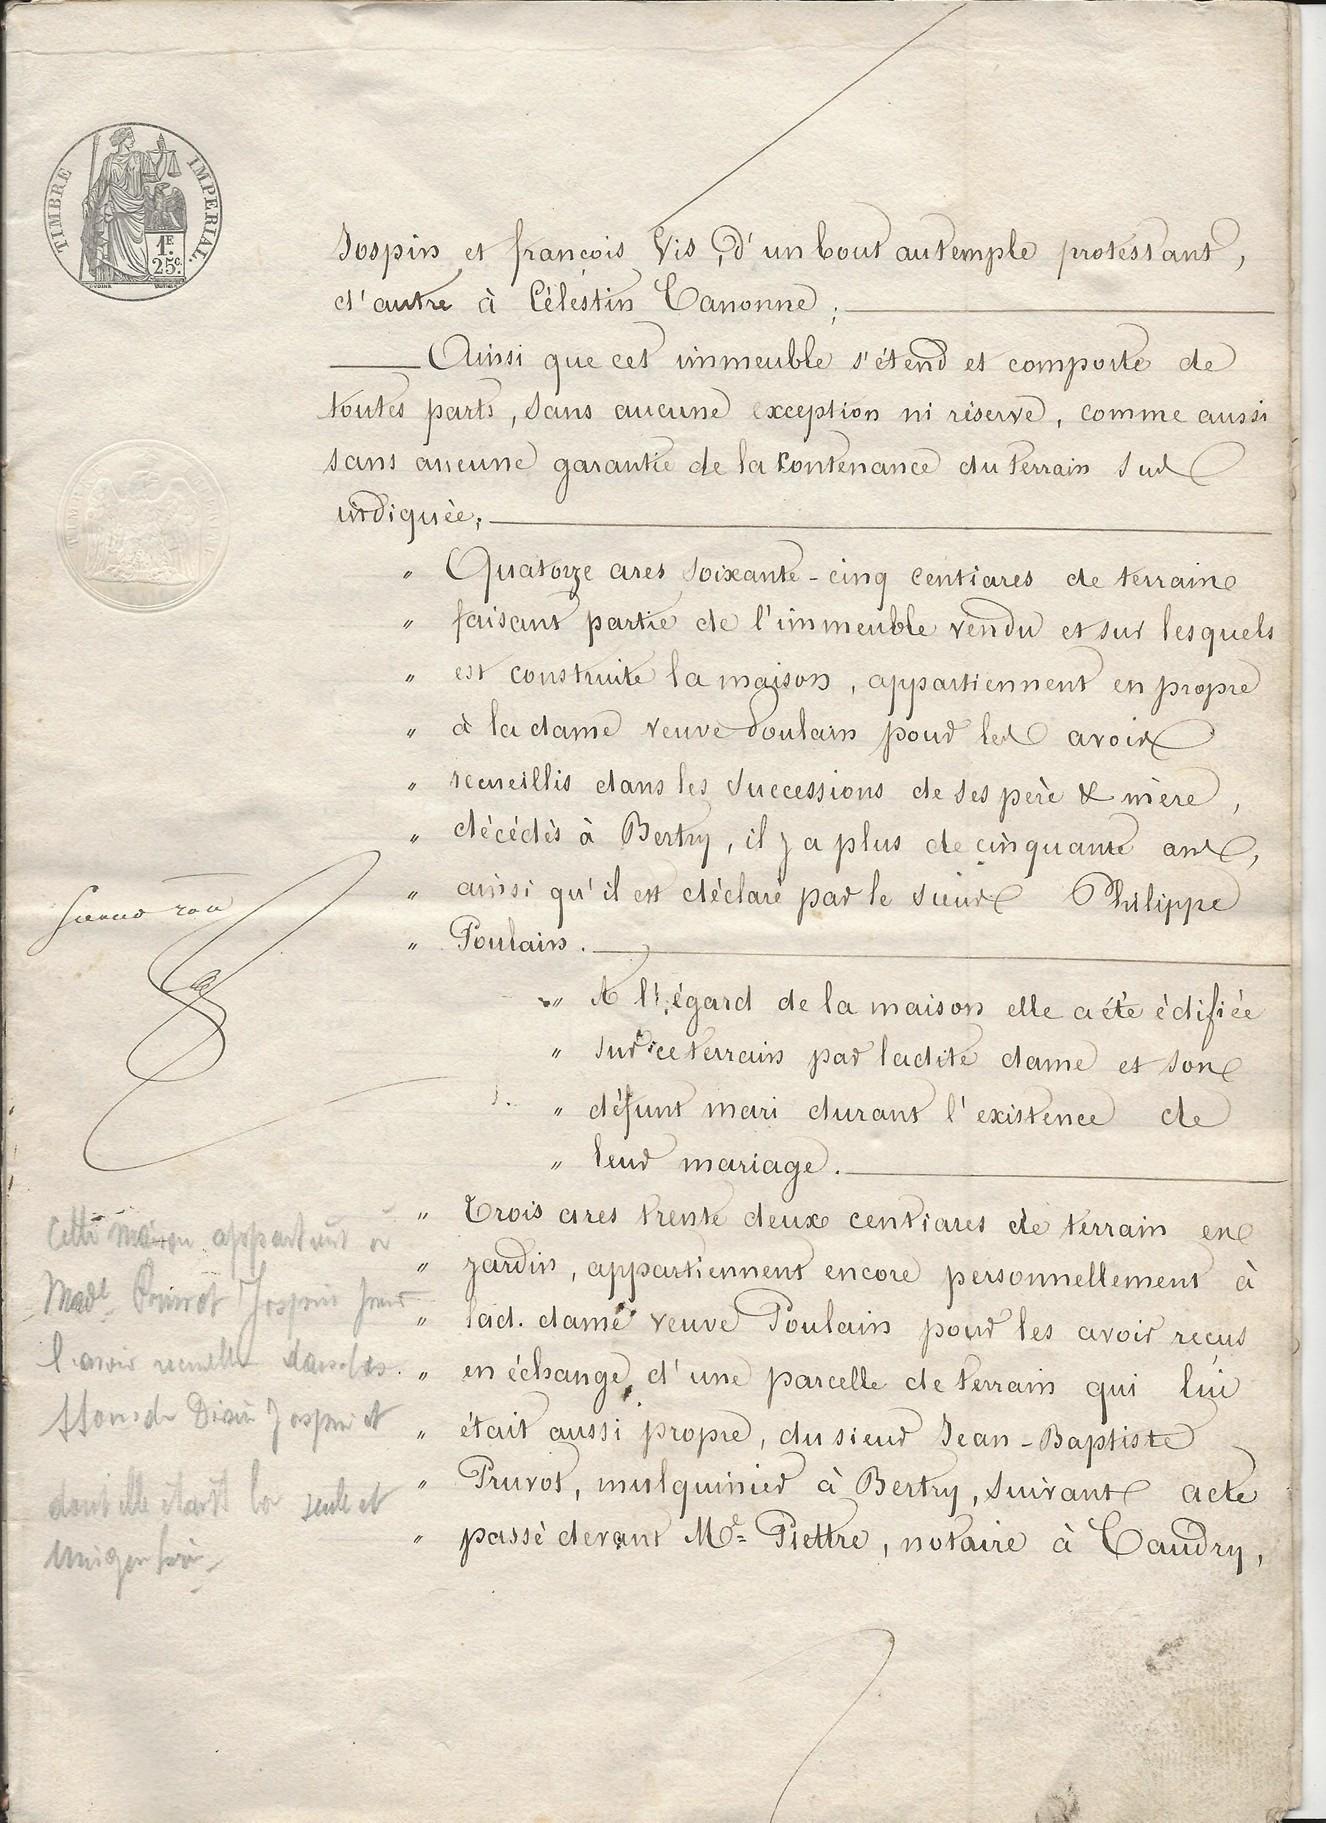 1854 vente vve et heritiers poulain a jospin 003